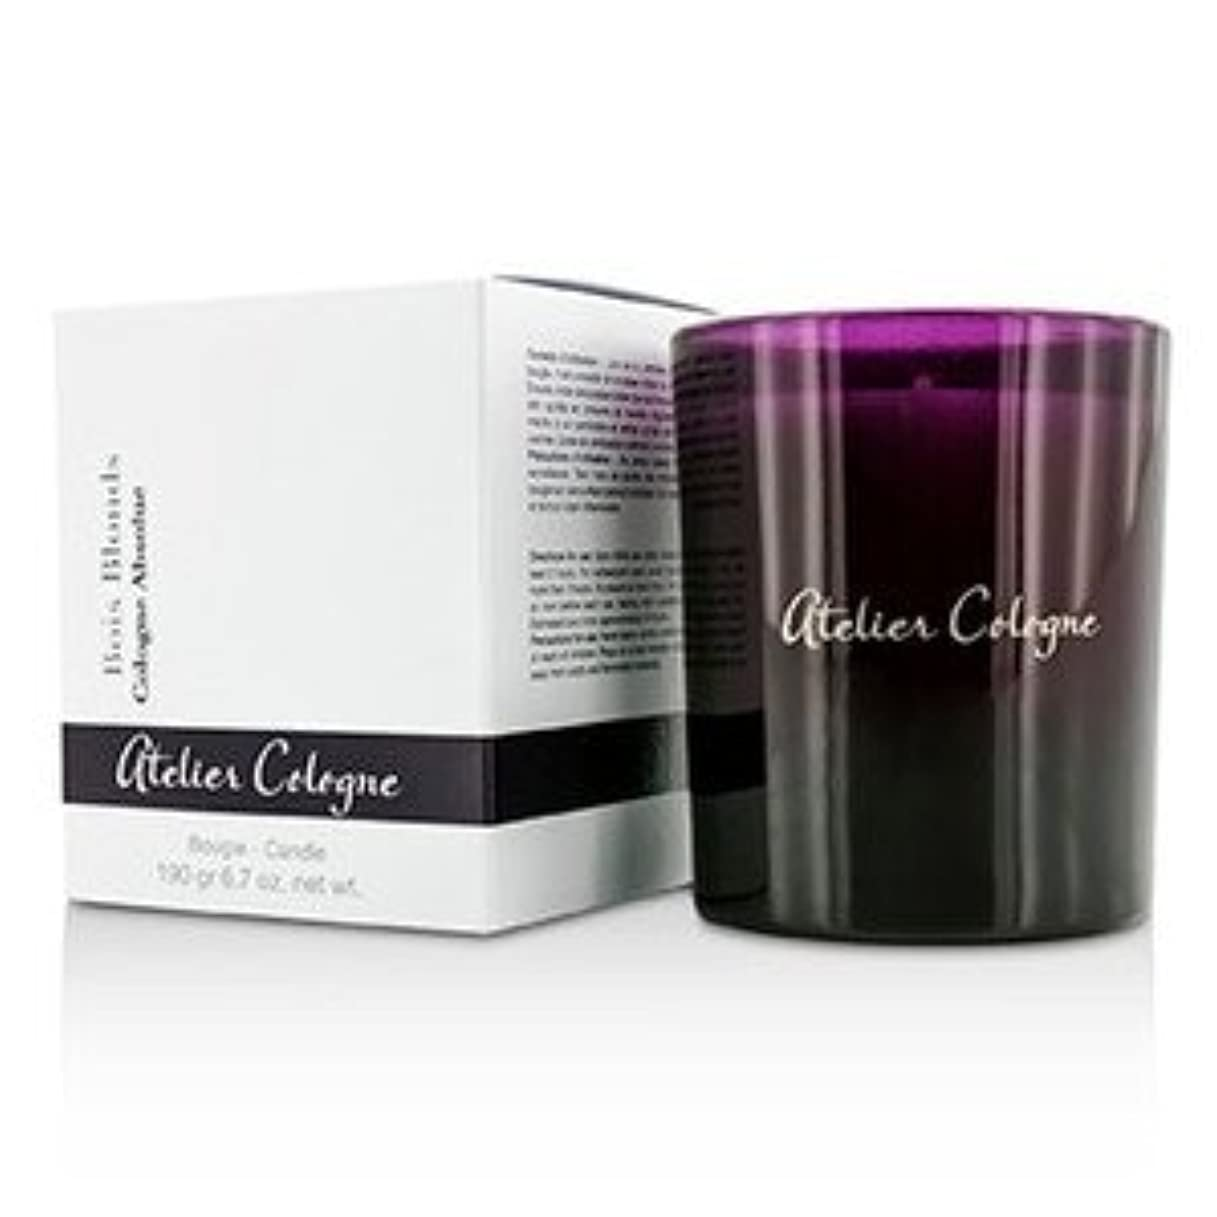 翻訳ゴネリル名門Atelier Cologne (アトリエ コロン) ブージー キャンドル - Bois Blonds 190g/6.7oz [並行輸入品]